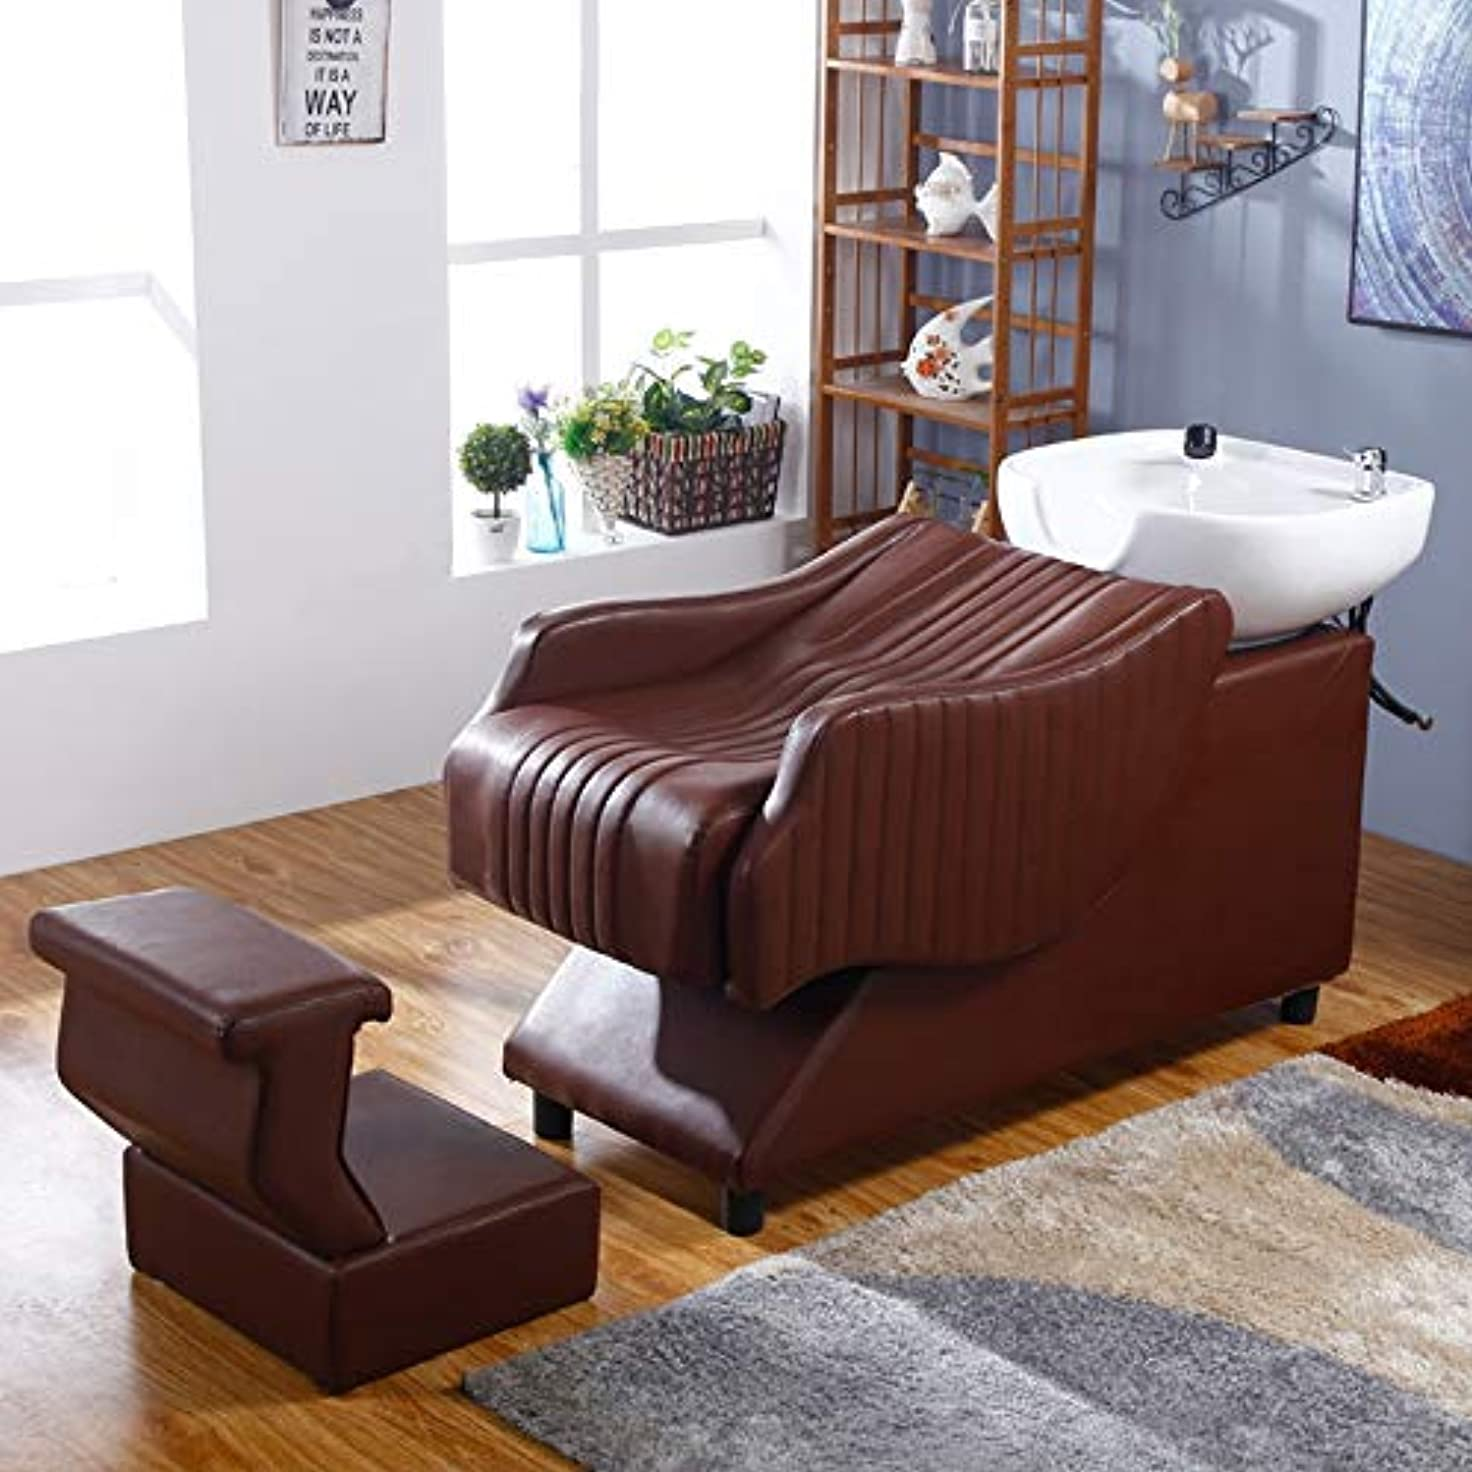 シュリンク強化するチャンバーシャンプー理容室逆洗椅子、 鉱泉の美容院装置の毛の美のベッドのための半リカンベントシャンプーボールの流しの椅子